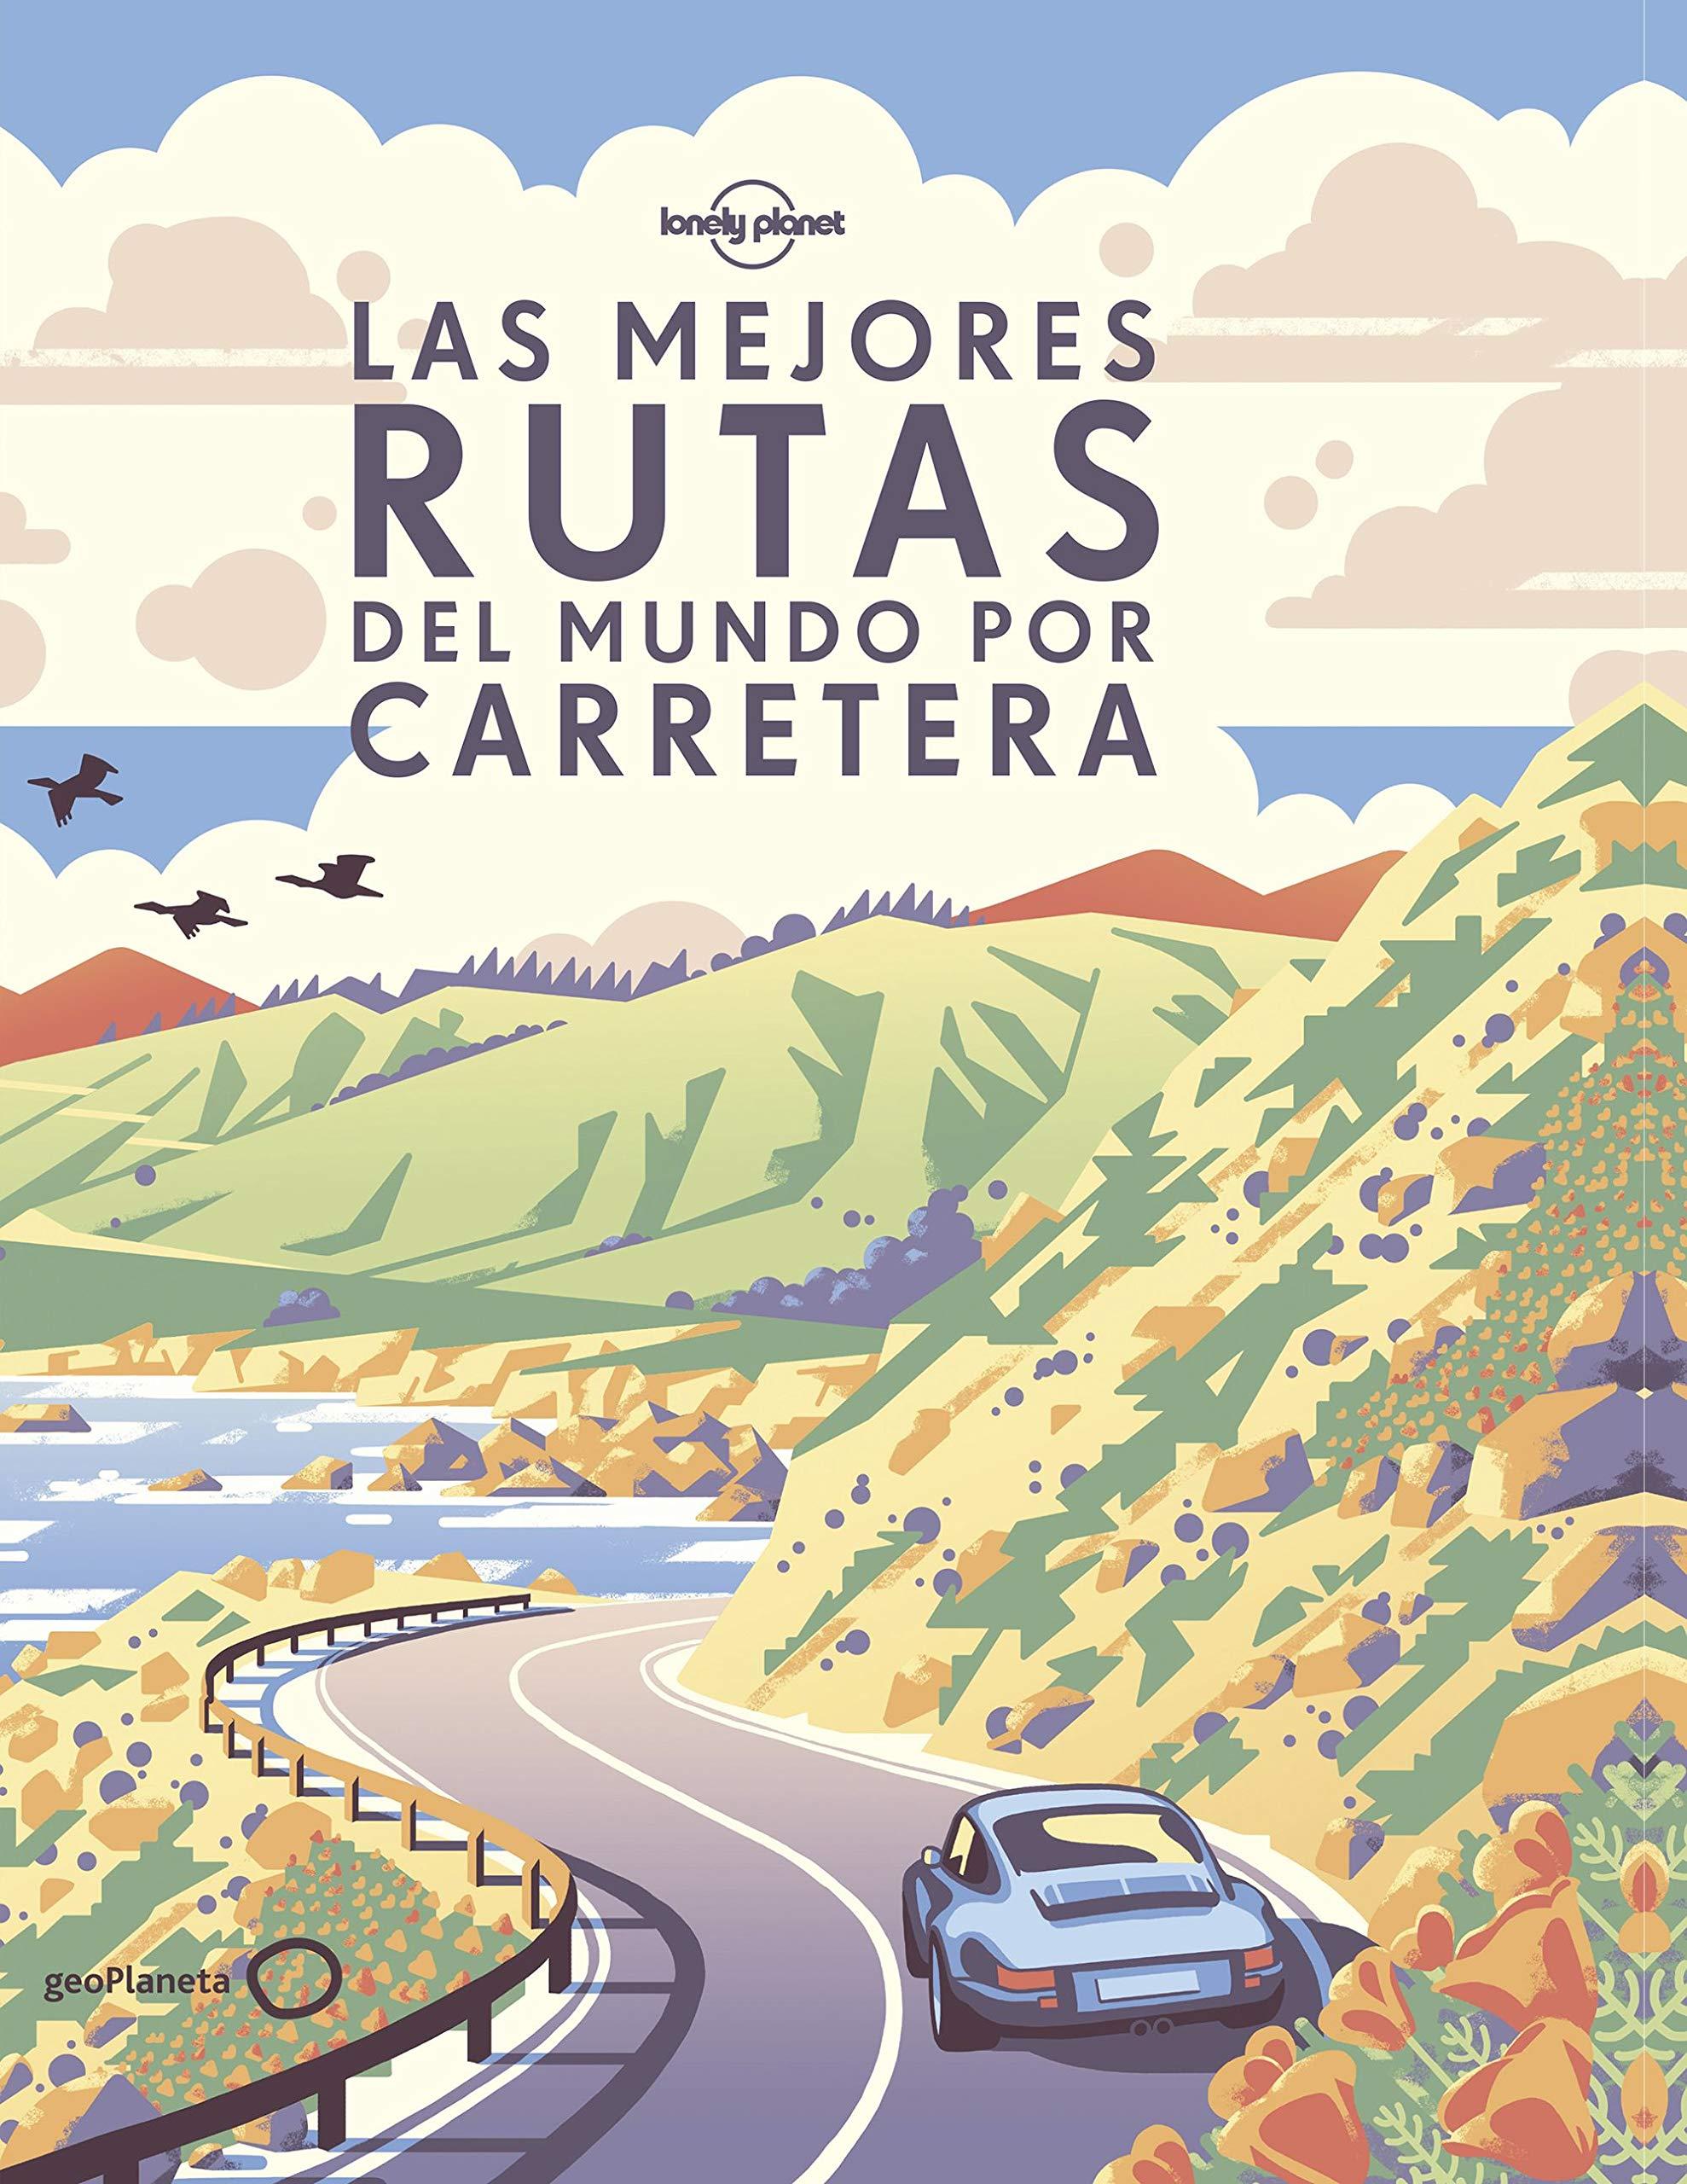 Las mejores rutas del mundo por carretera Viaje y aventura: Amazon.es: AA. VV., Ribera de Madariaga, Blanca, Álvarez González, Delia, García Ulldemolins, Raquel: Libros